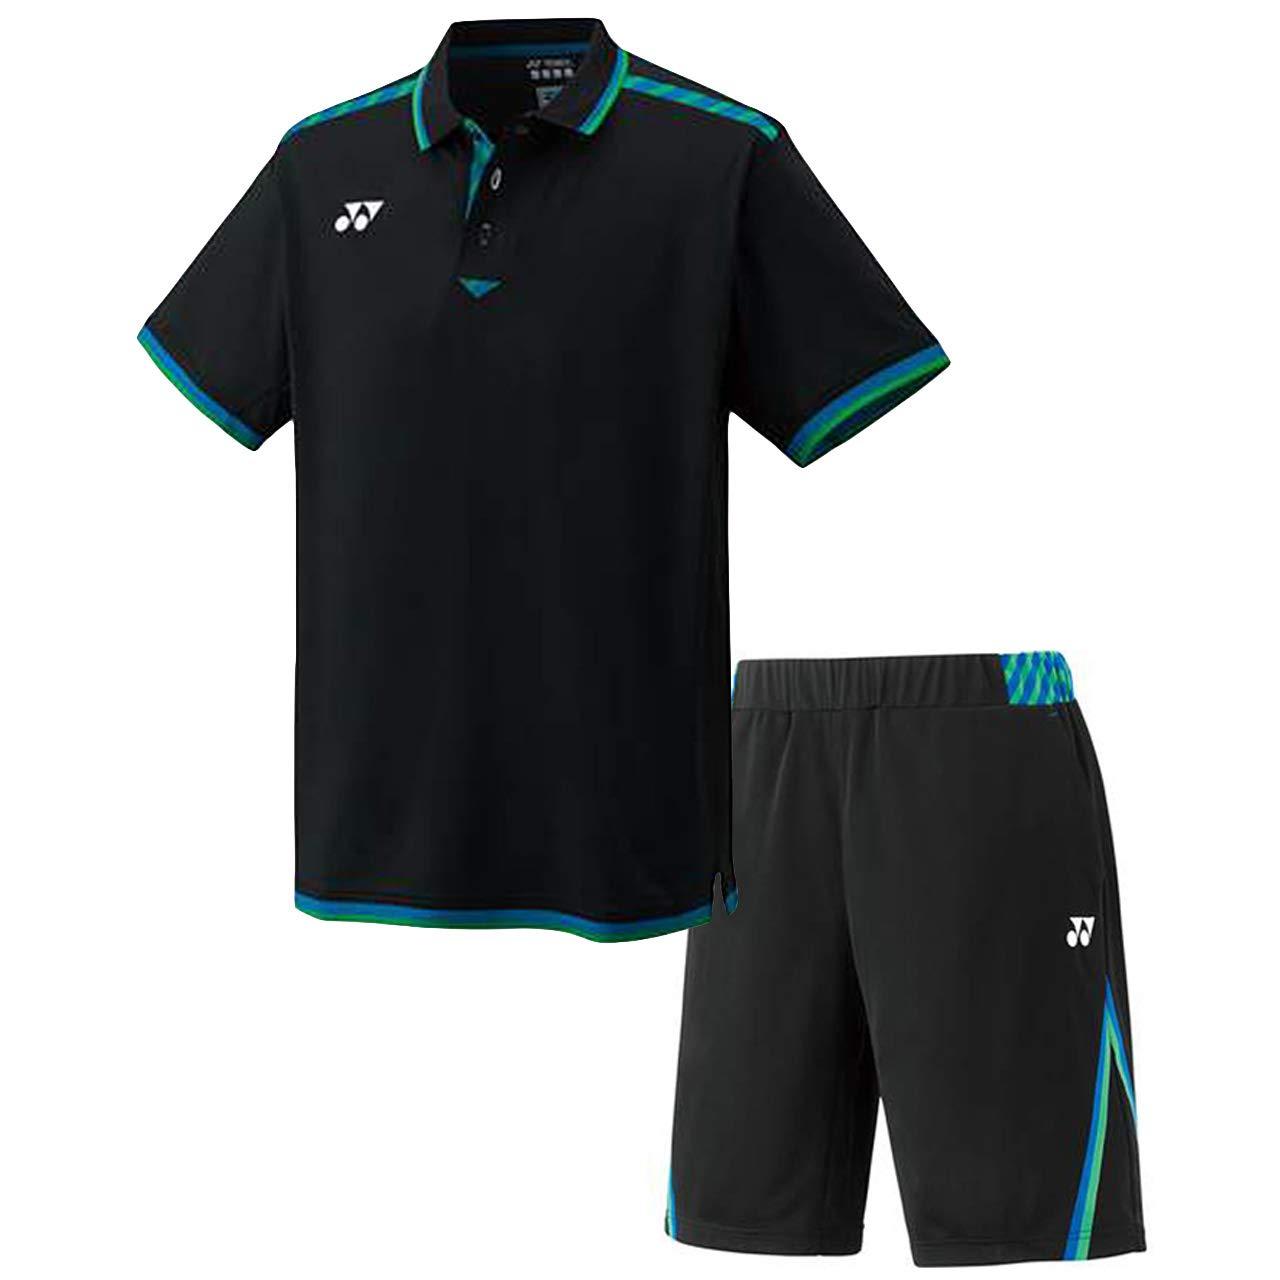 ヨネックス(YONEX) ゲームシャツ(フィットスタイル)&ニットハーフパンツ上下セット(ブラック/ブラック) 10250-007-15066-007 B07JZKZRLP ブラック/ブラック S